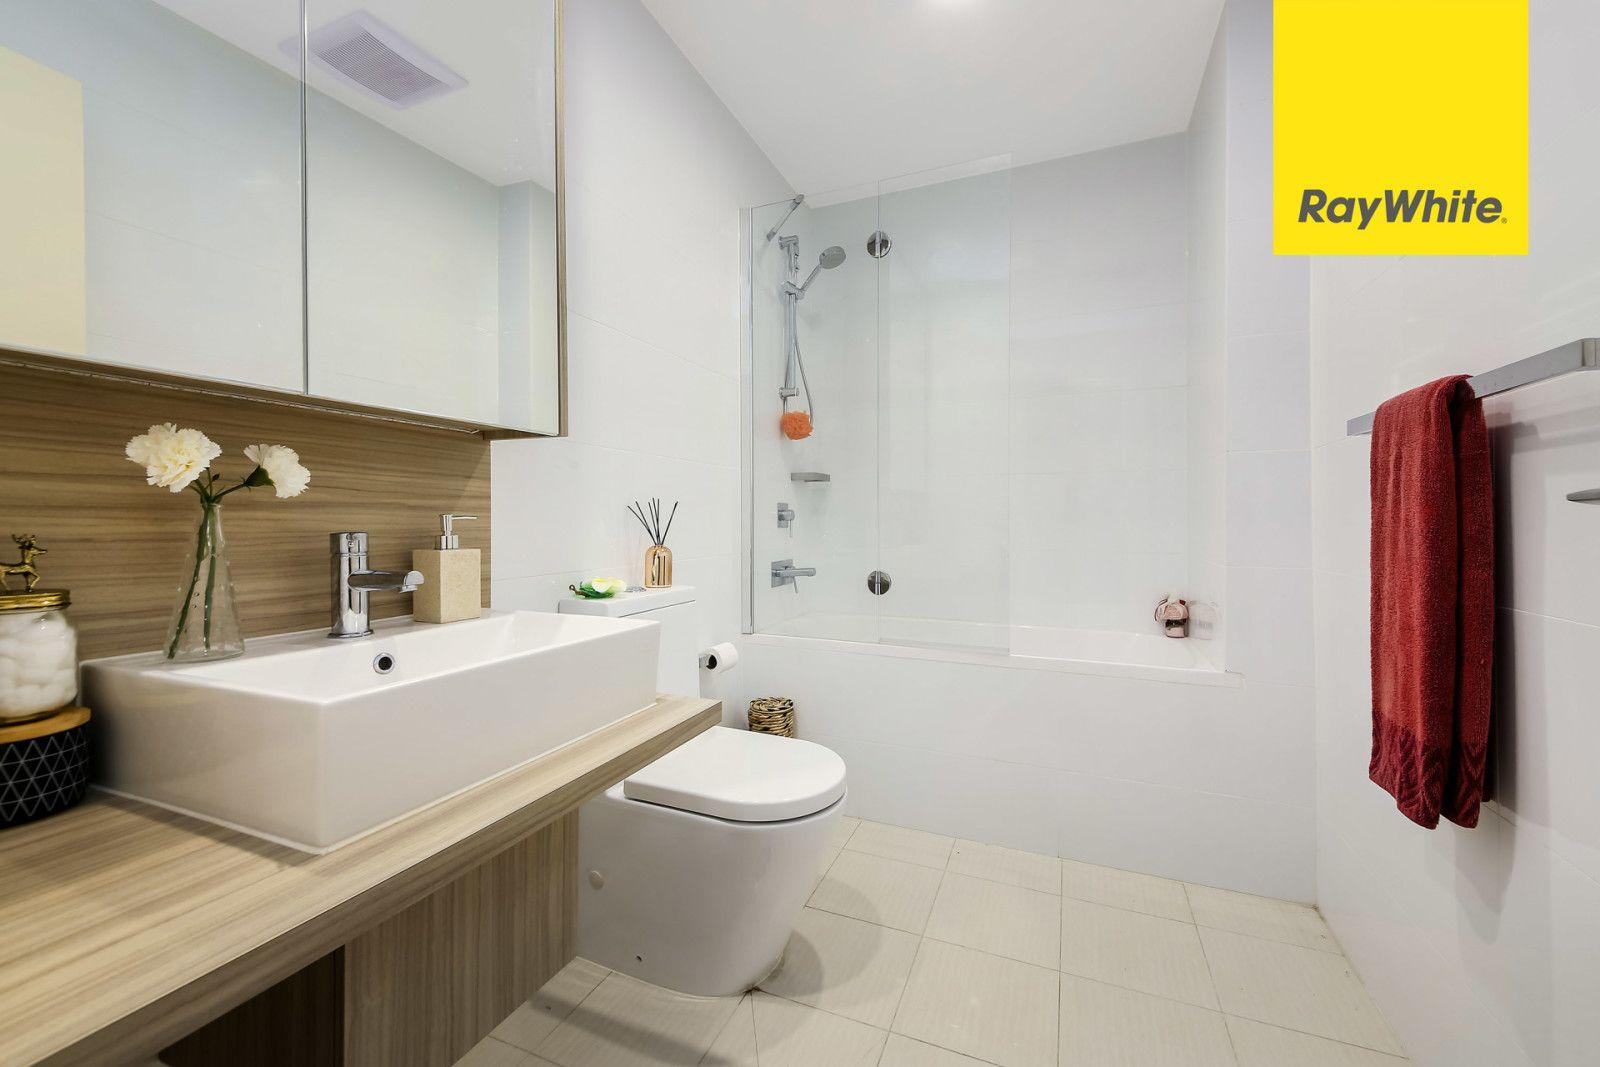 505/7 Washington Ave, Riverwood NSW 2210, Image 2